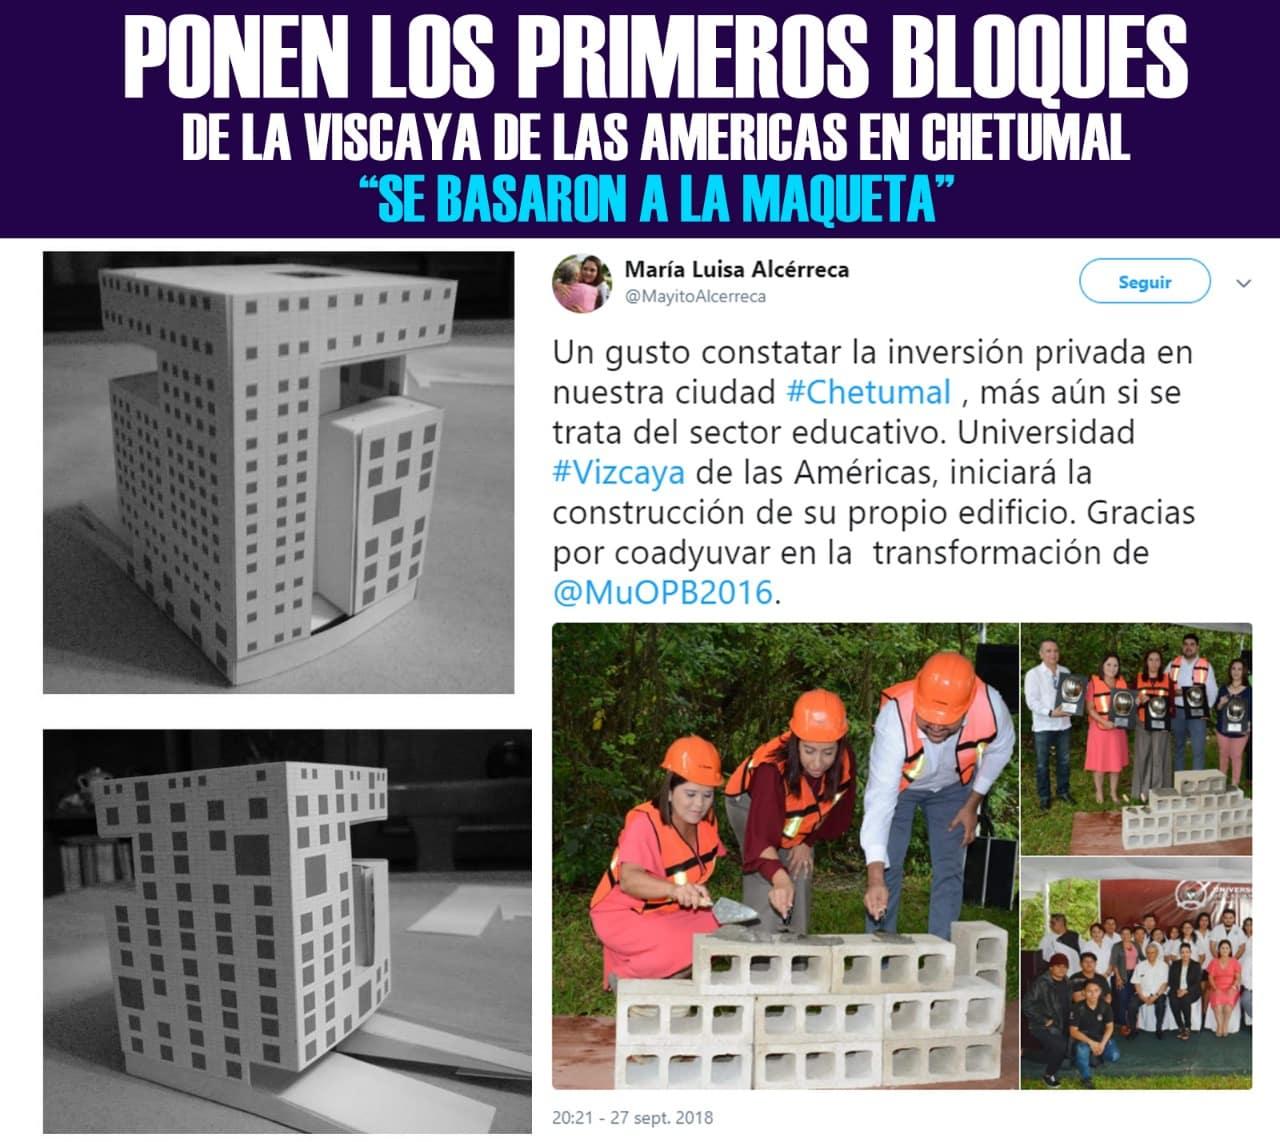 Ponen los primeros bloques de la Vizcaya de las Américas en Chetumal